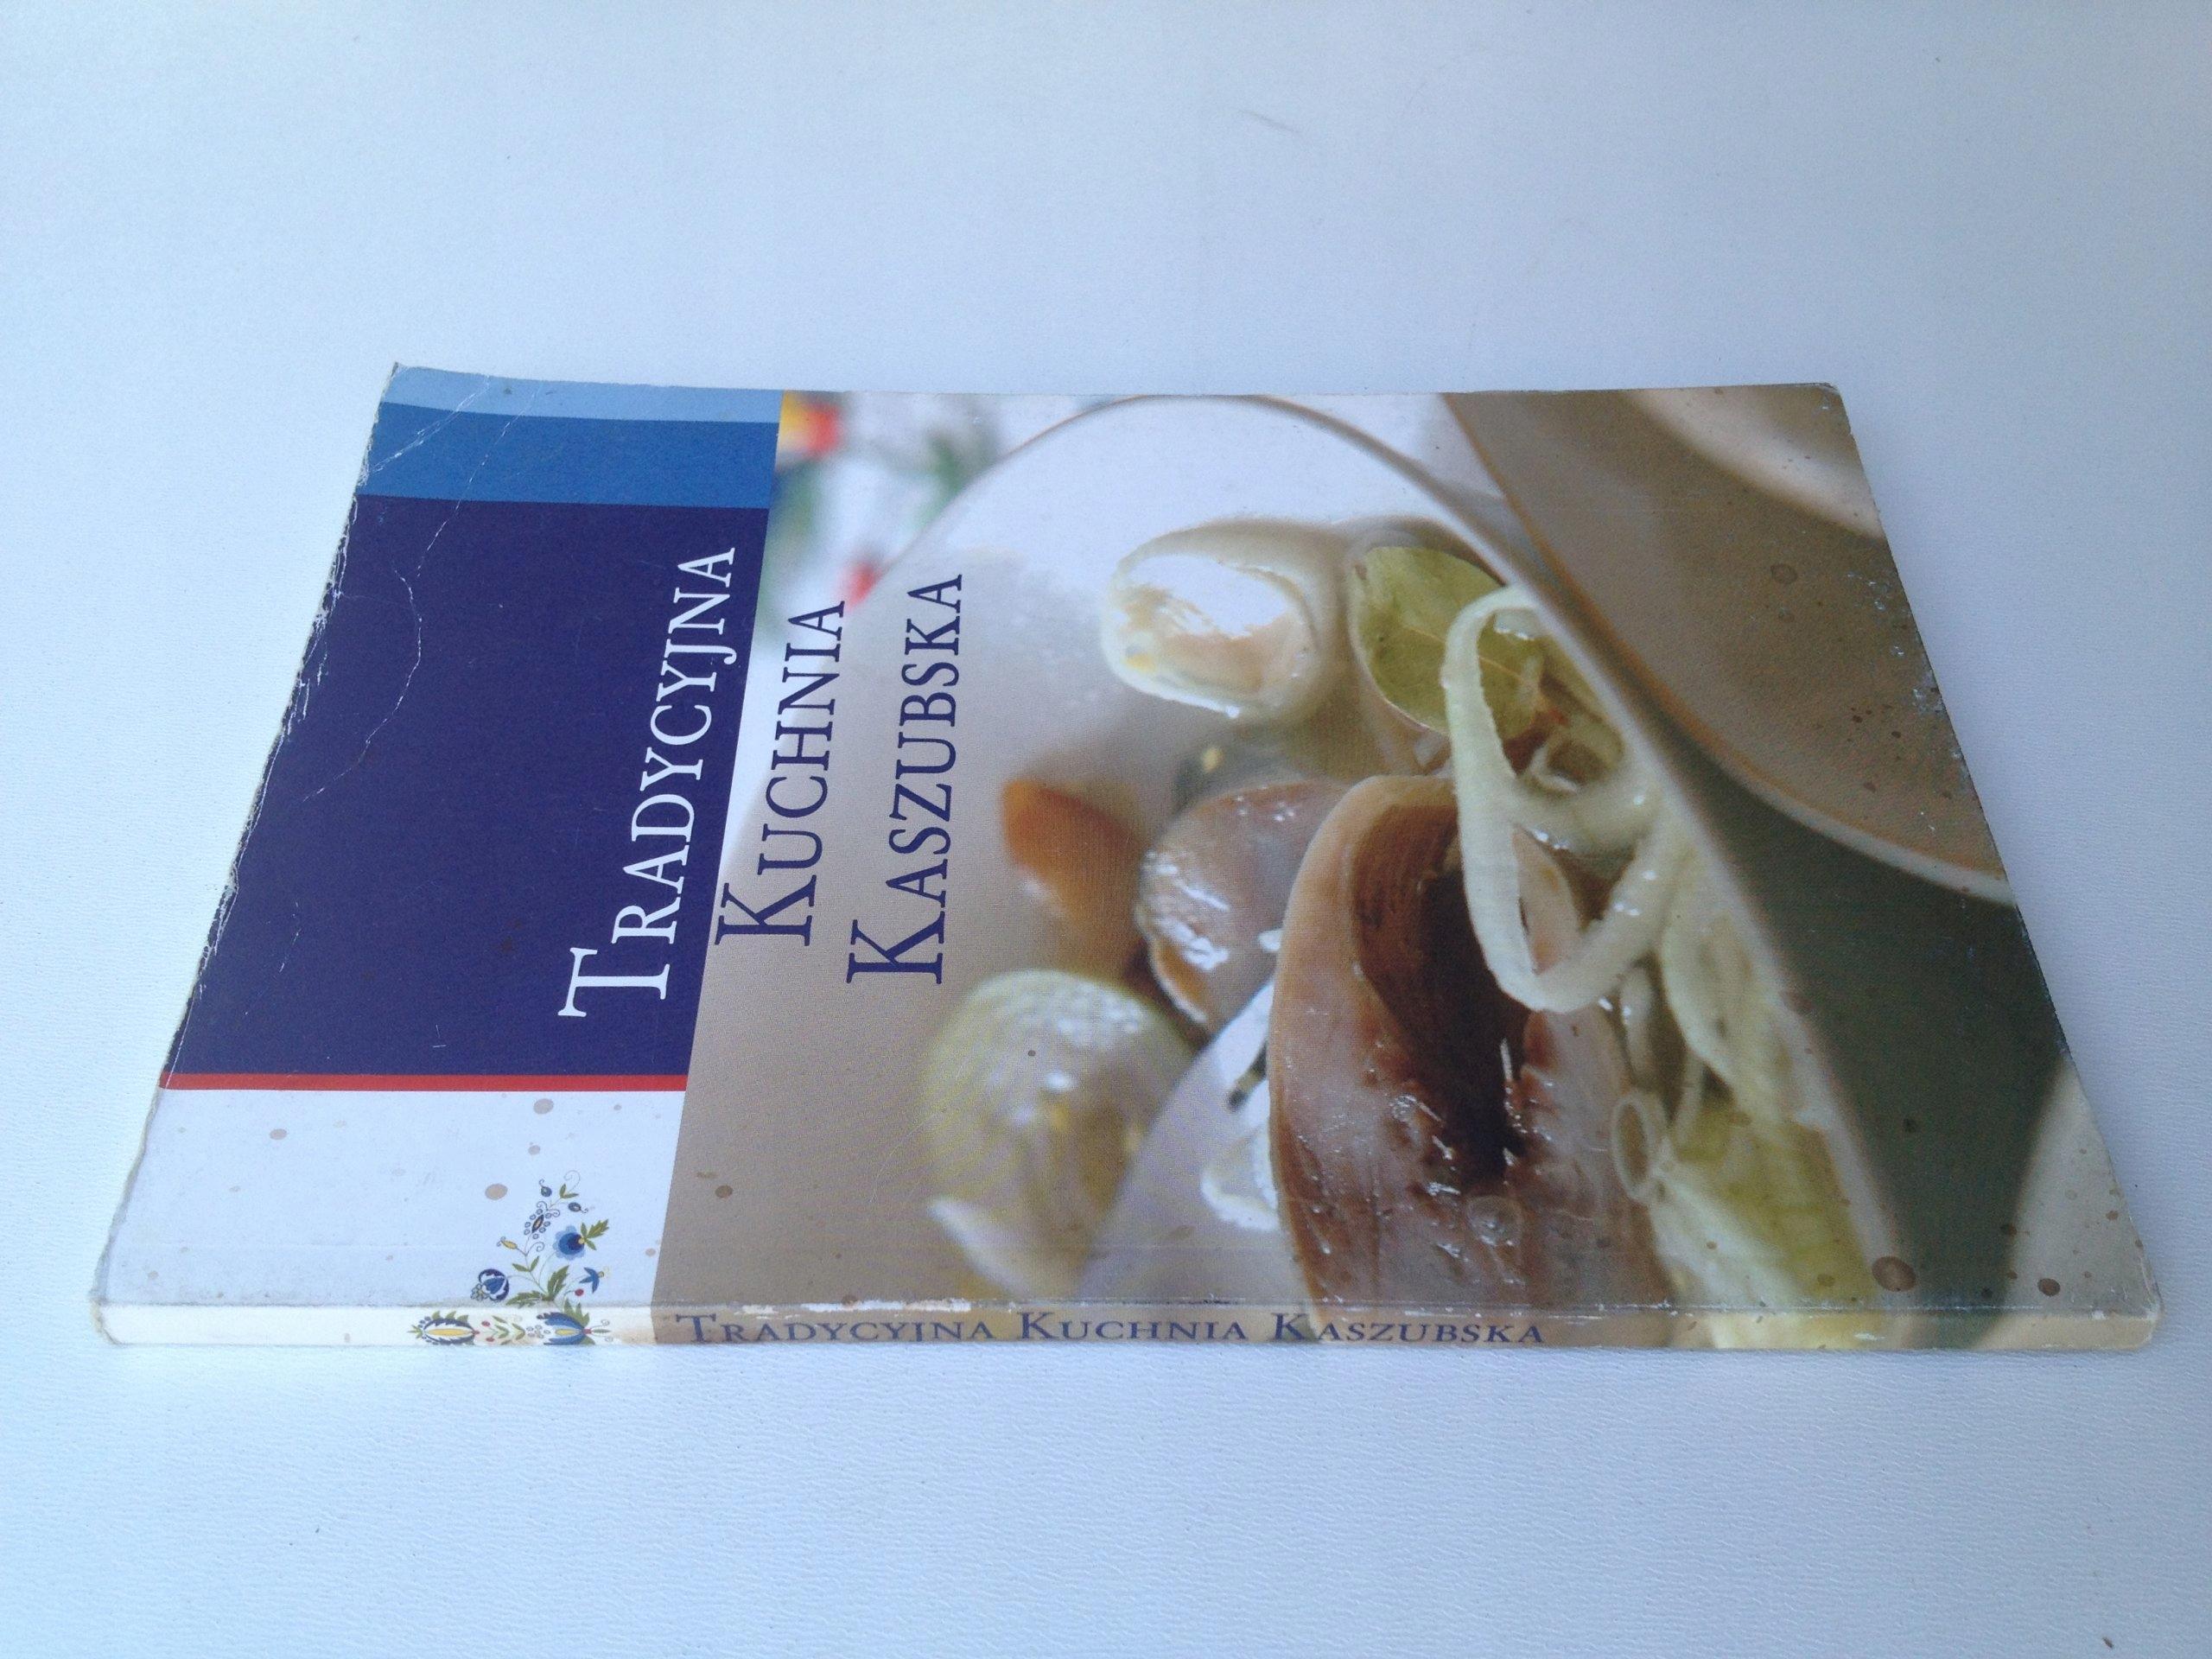 Tradycyjna Kuchnia Kaszubska 7361759292 Oficjalne